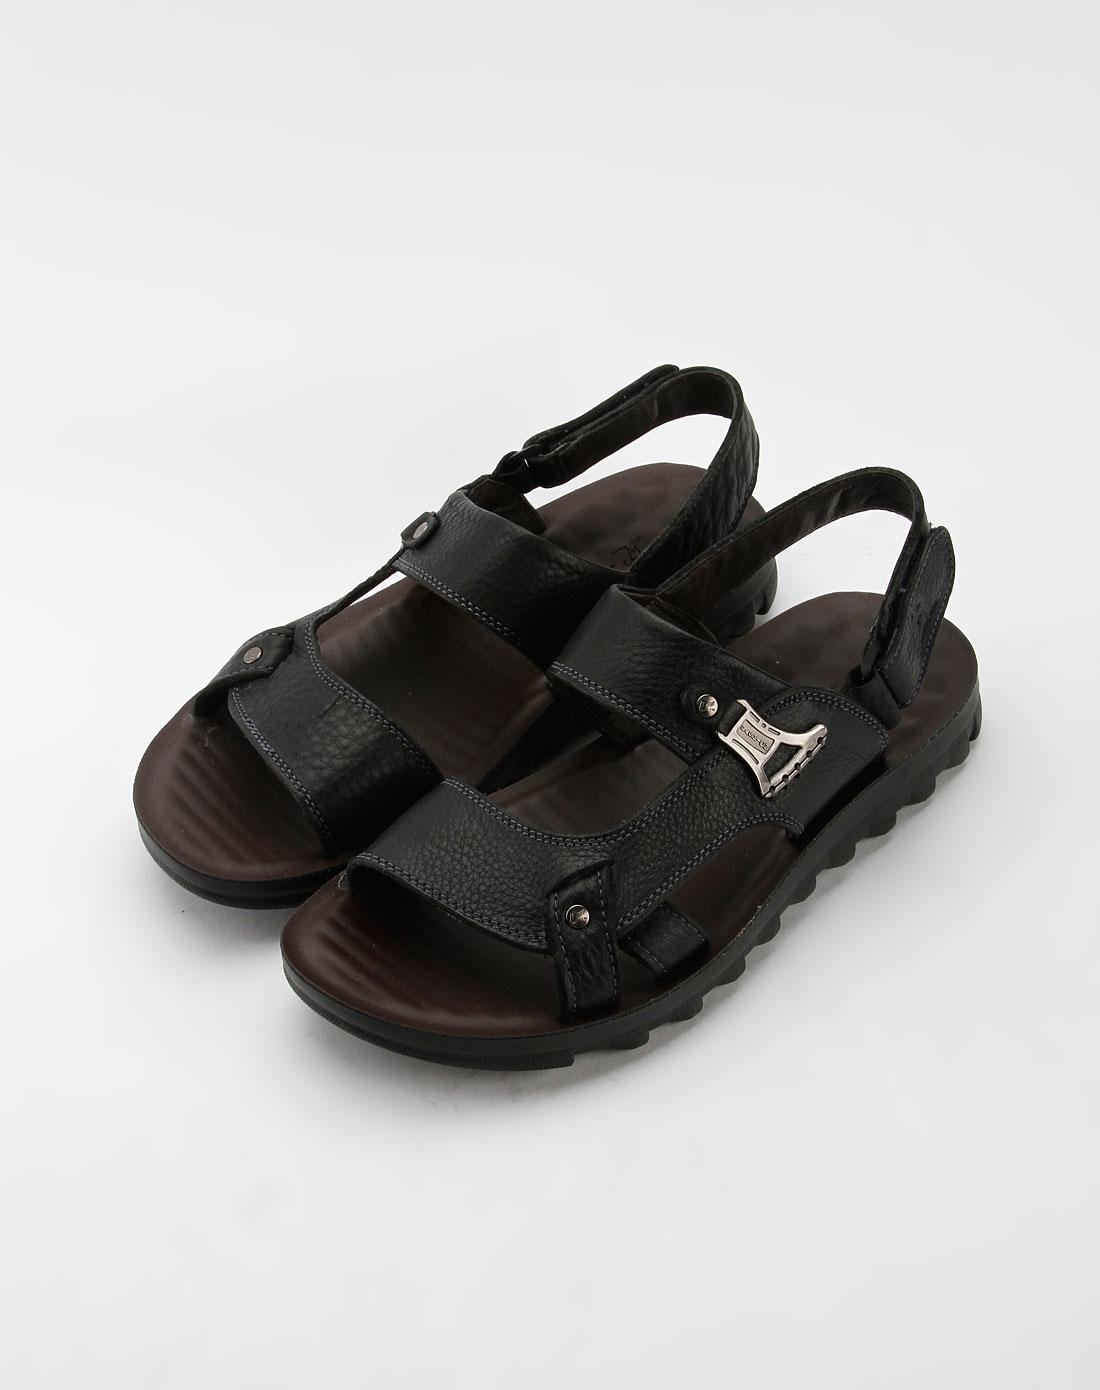 男款黑色时尚休闲凉鞋